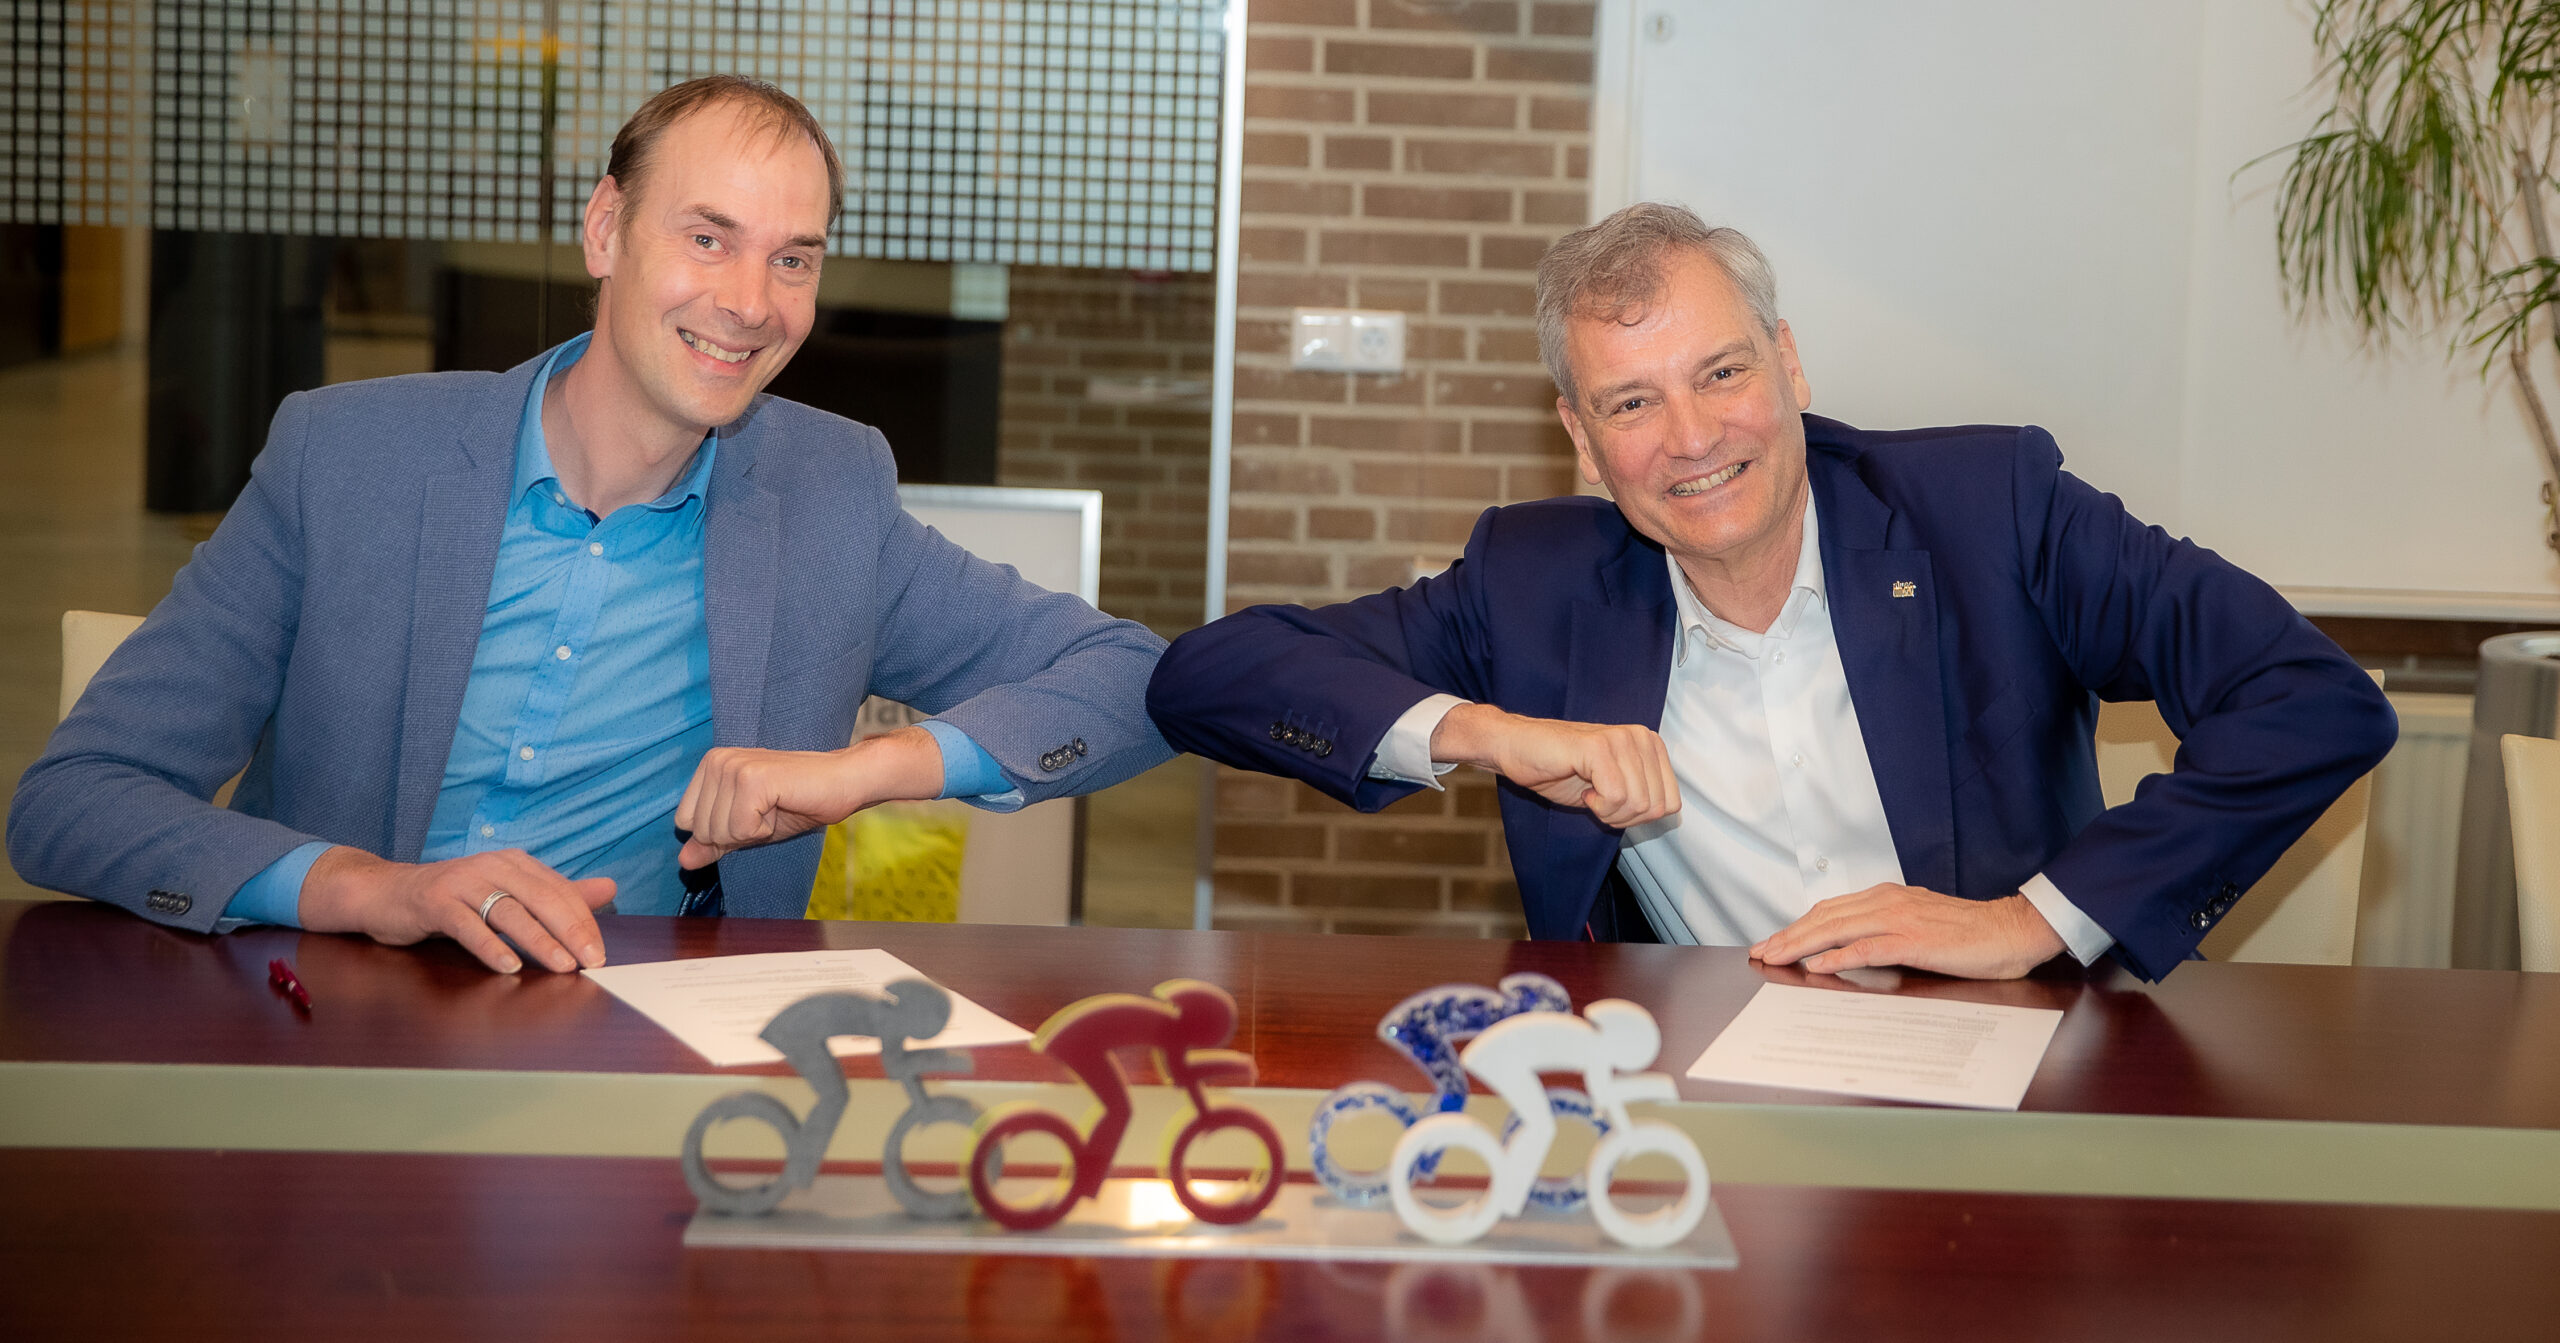 Eric-van-Schagen-CEO-Simac-Techniek-NV-en-Thijs-Rondhuis-1-scaled.jpg